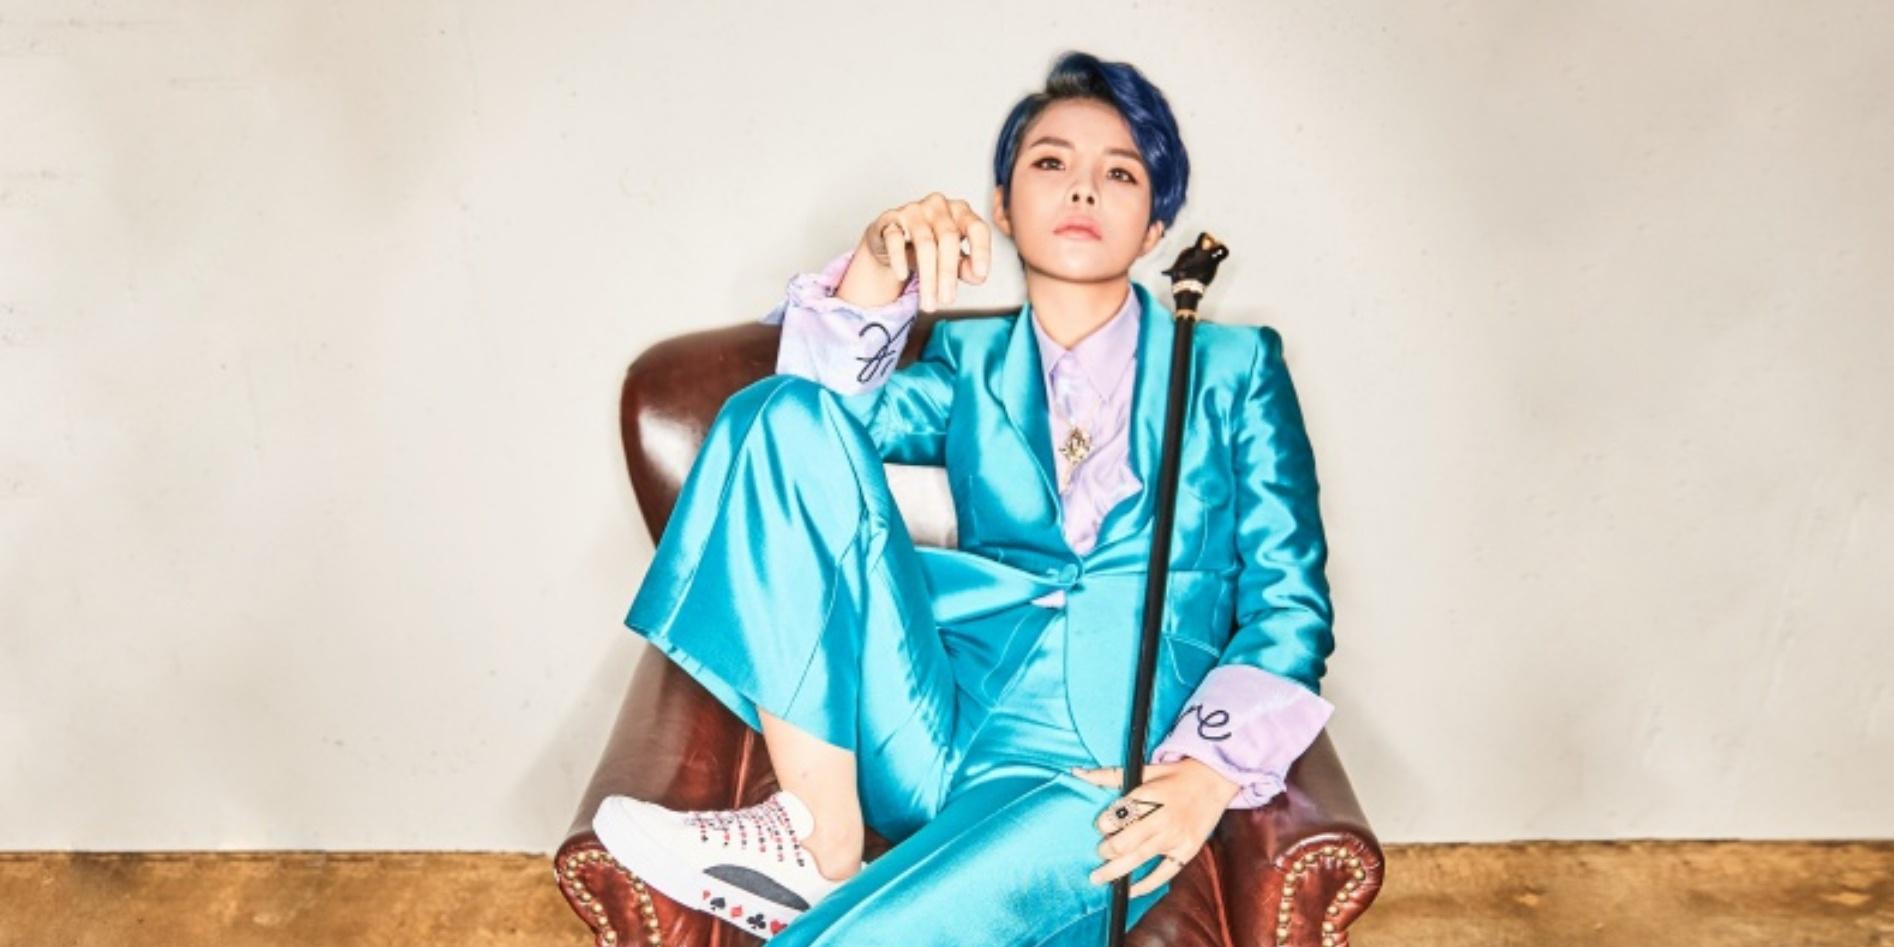 Meet Vietnamese artist Vũ Cát Tường, the pop star with a difference